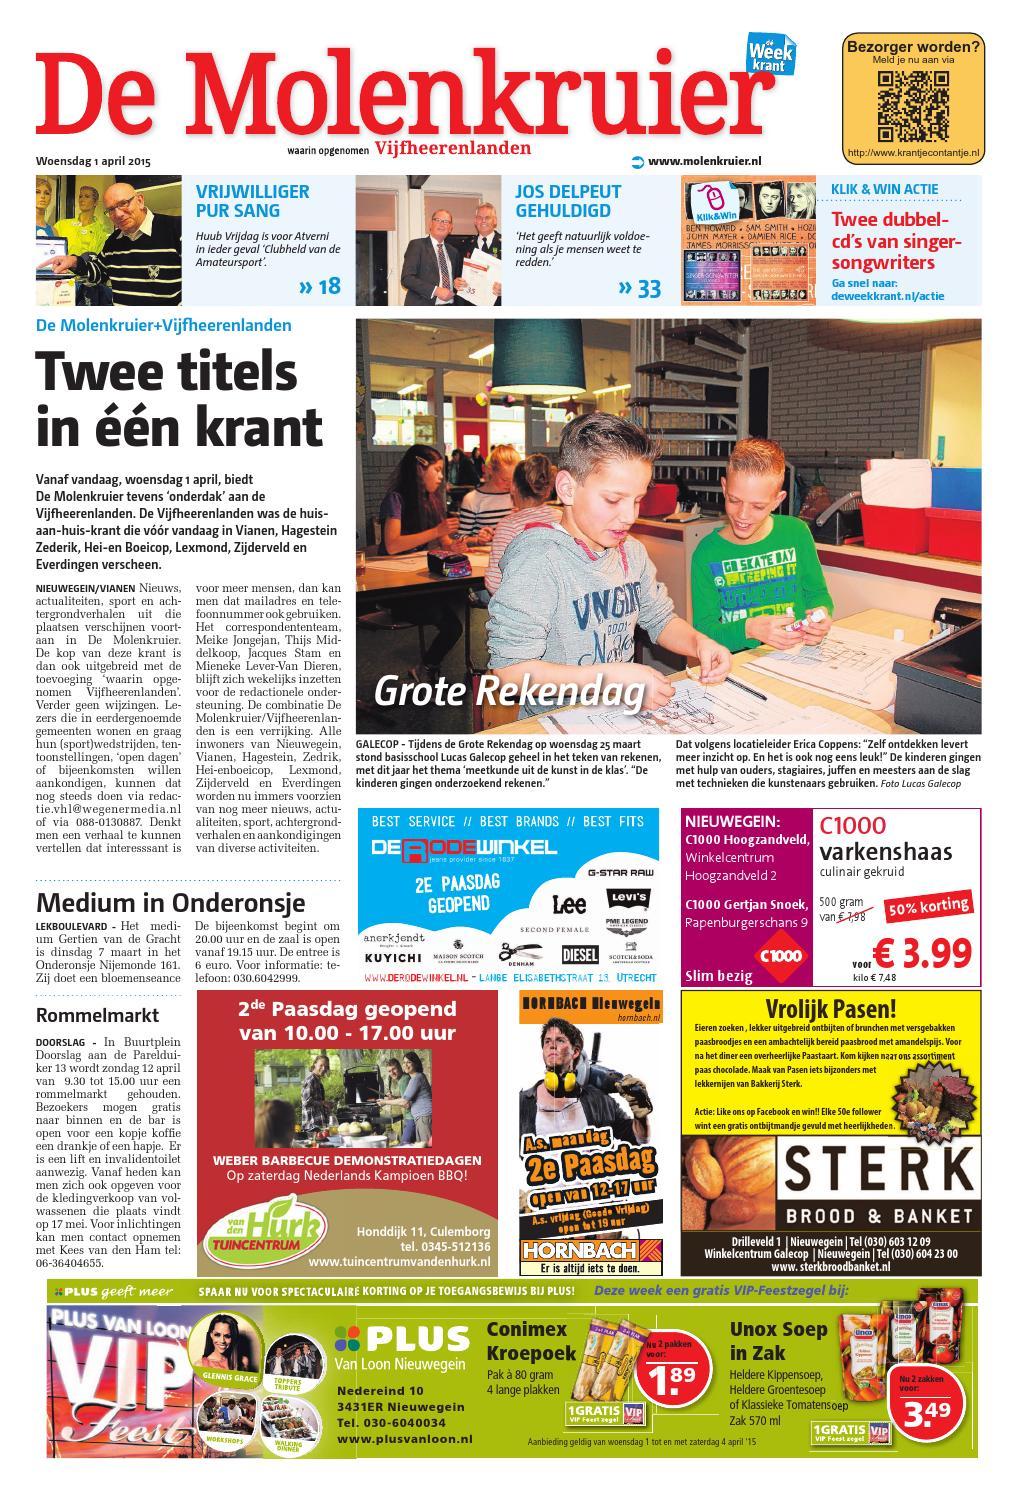 f7338bc18be De Molenkruier week14 by Wegener - issuu